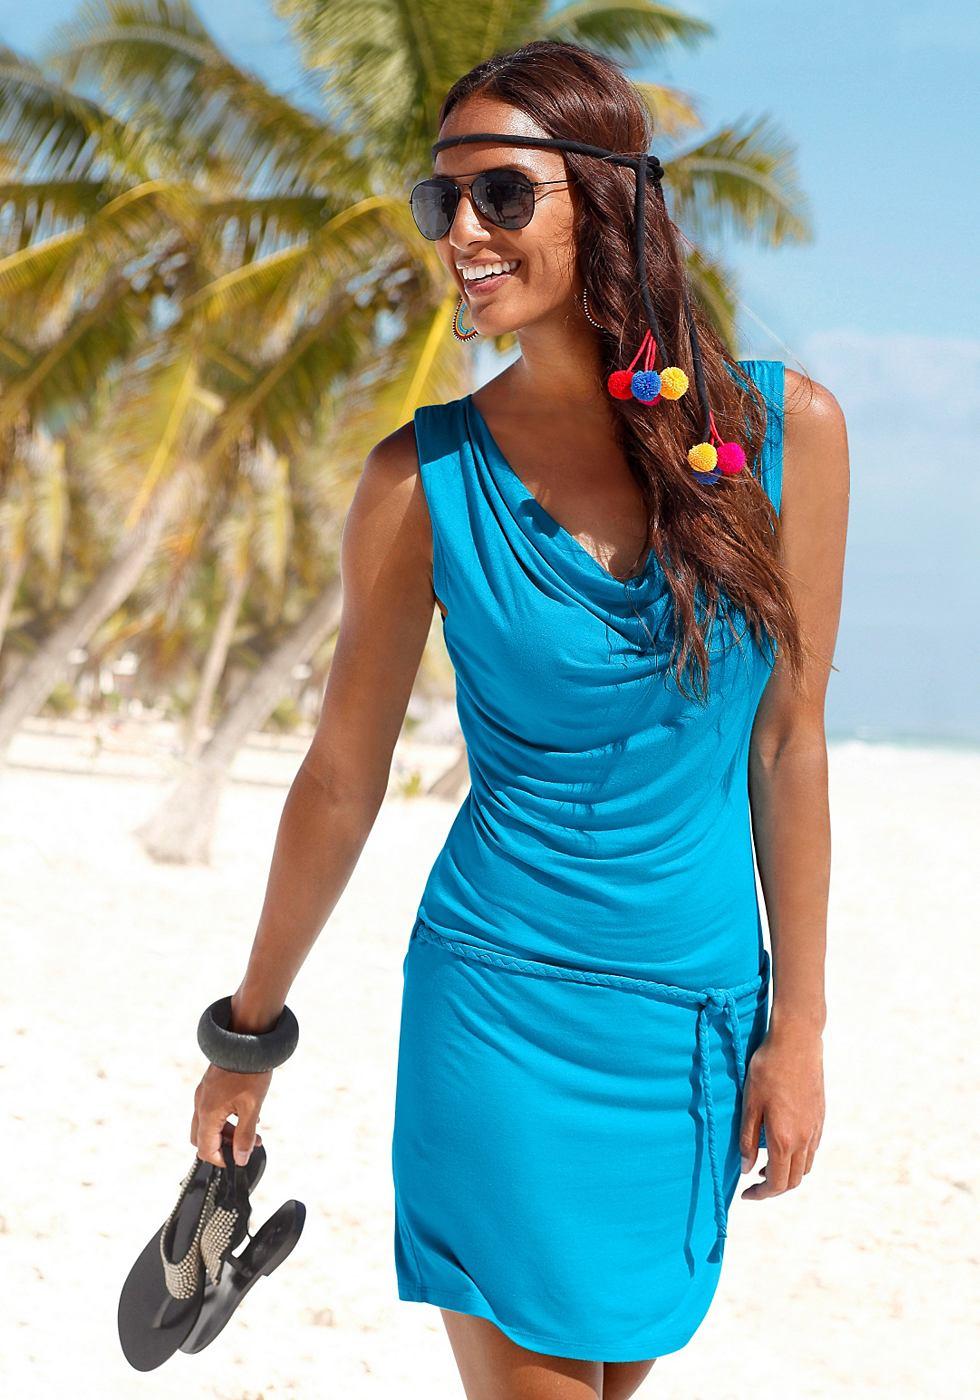 Beachtime Strandjurk met gevlochten koord blauw